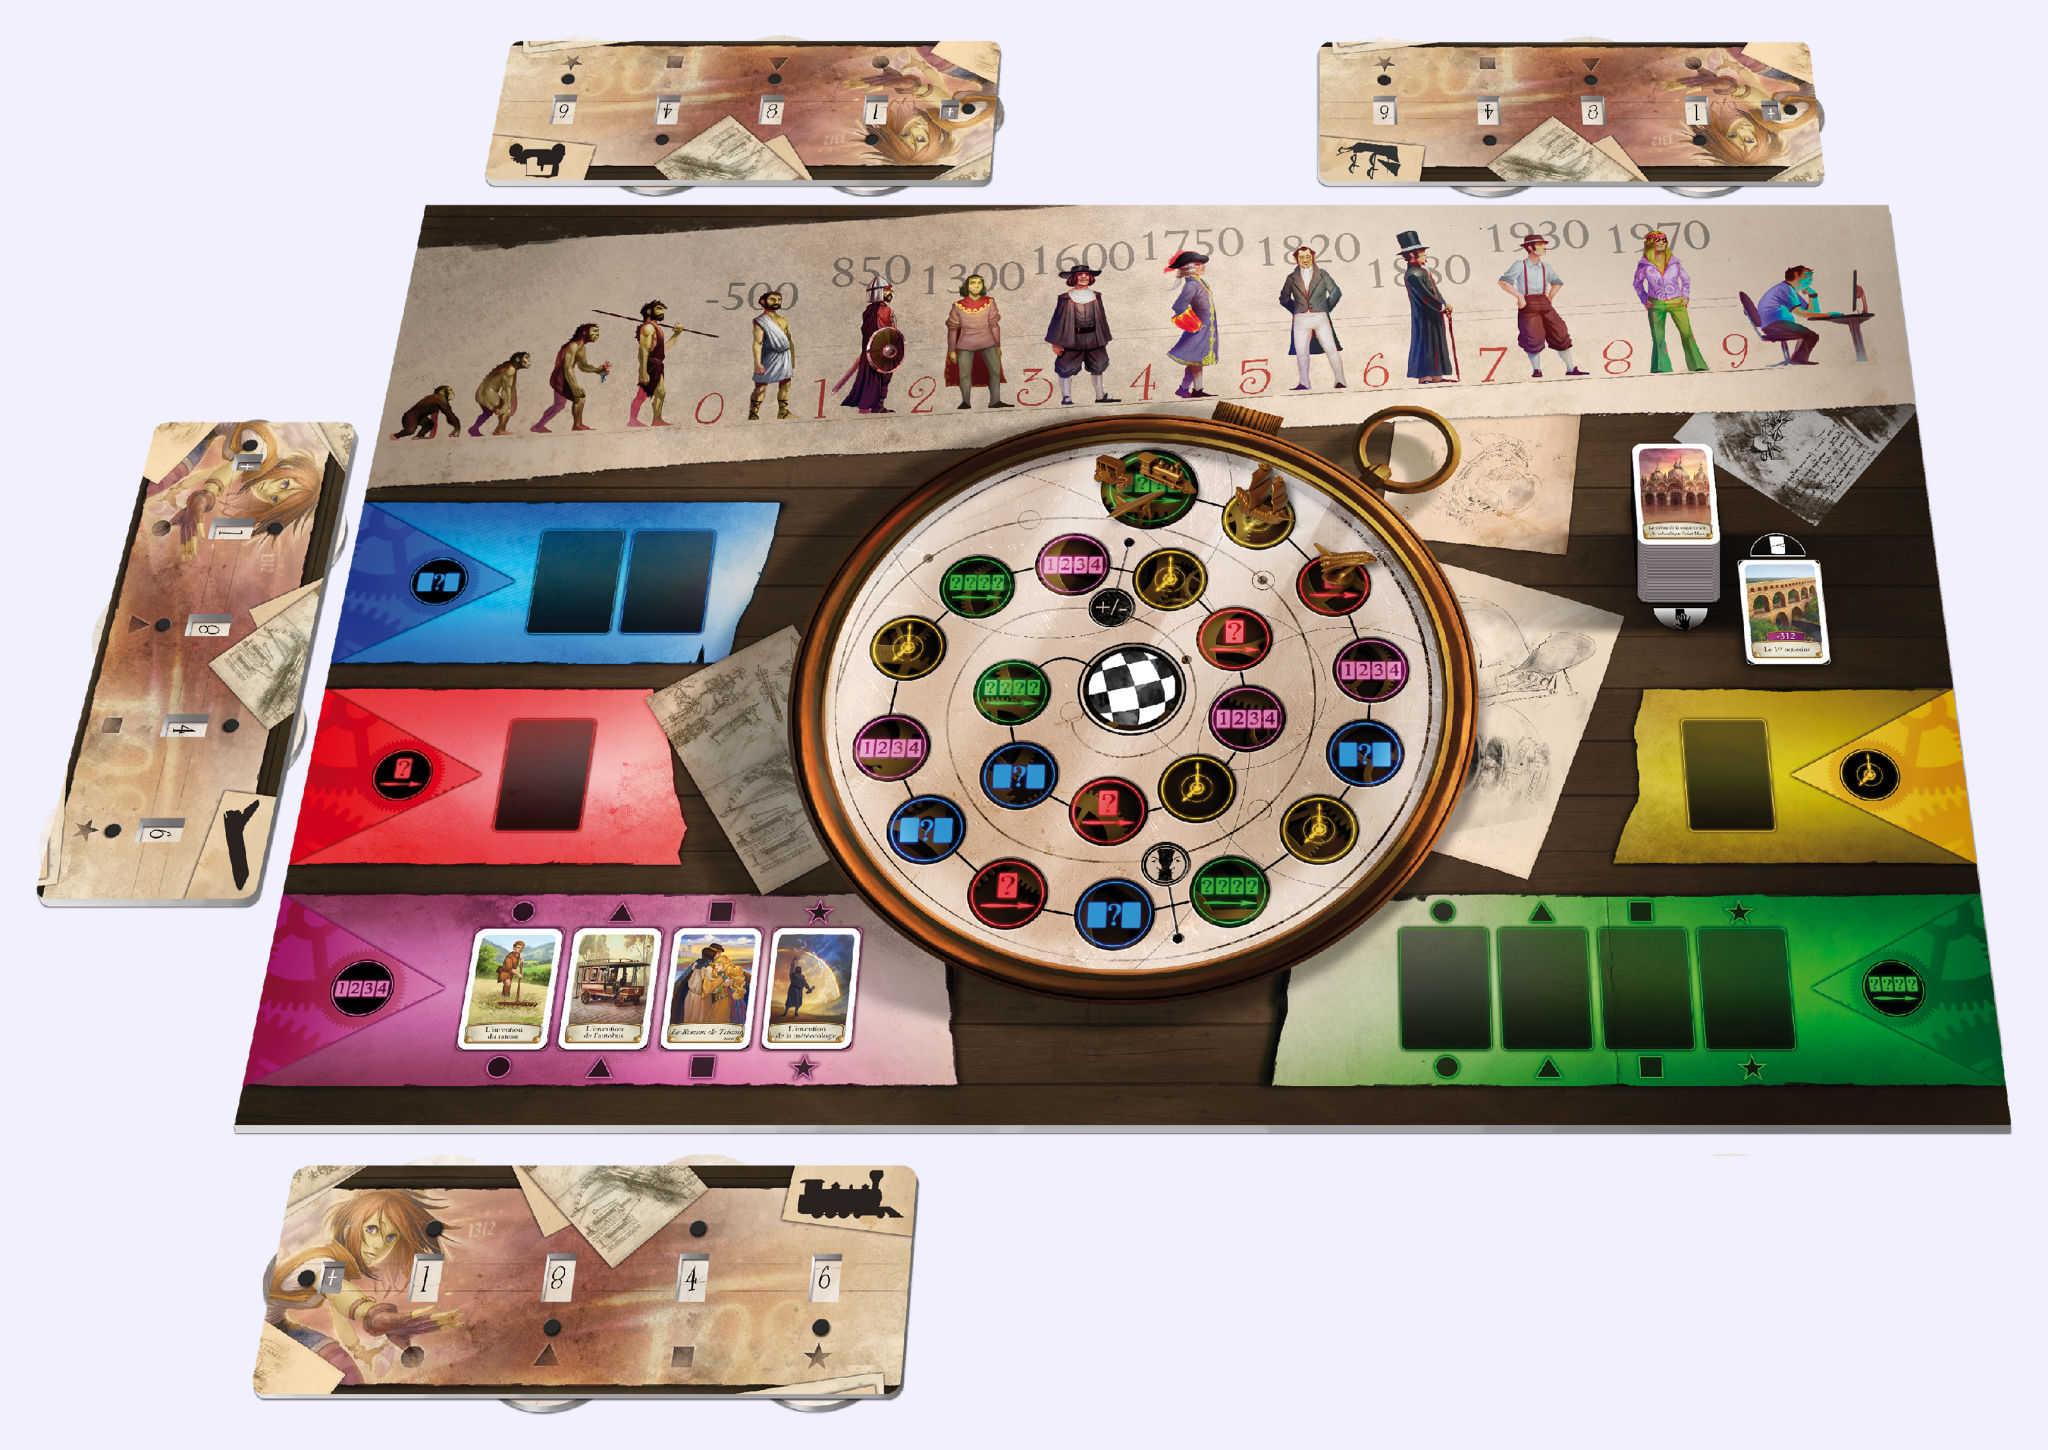 timeline challenge jeu de soci t chez jeux de nim. Black Bedroom Furniture Sets. Home Design Ideas